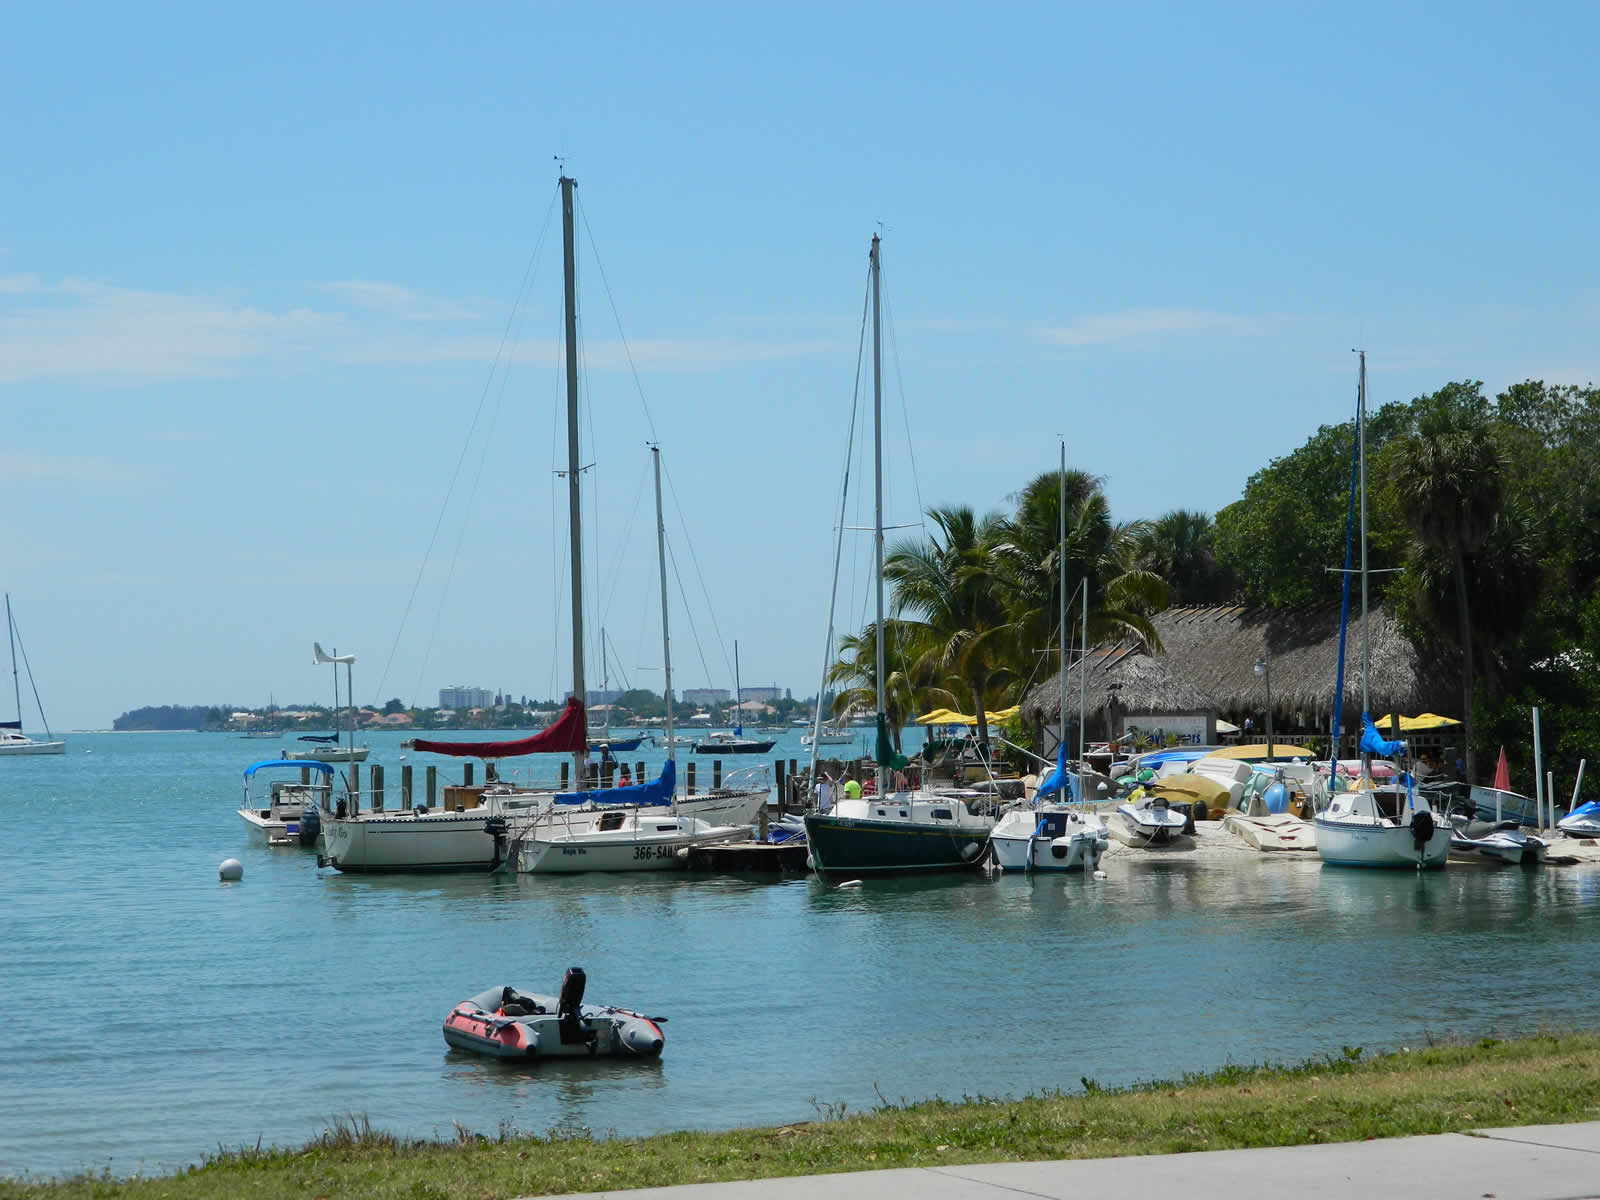 Une journée à Sarasota, « le visage tranquille de la Floride »